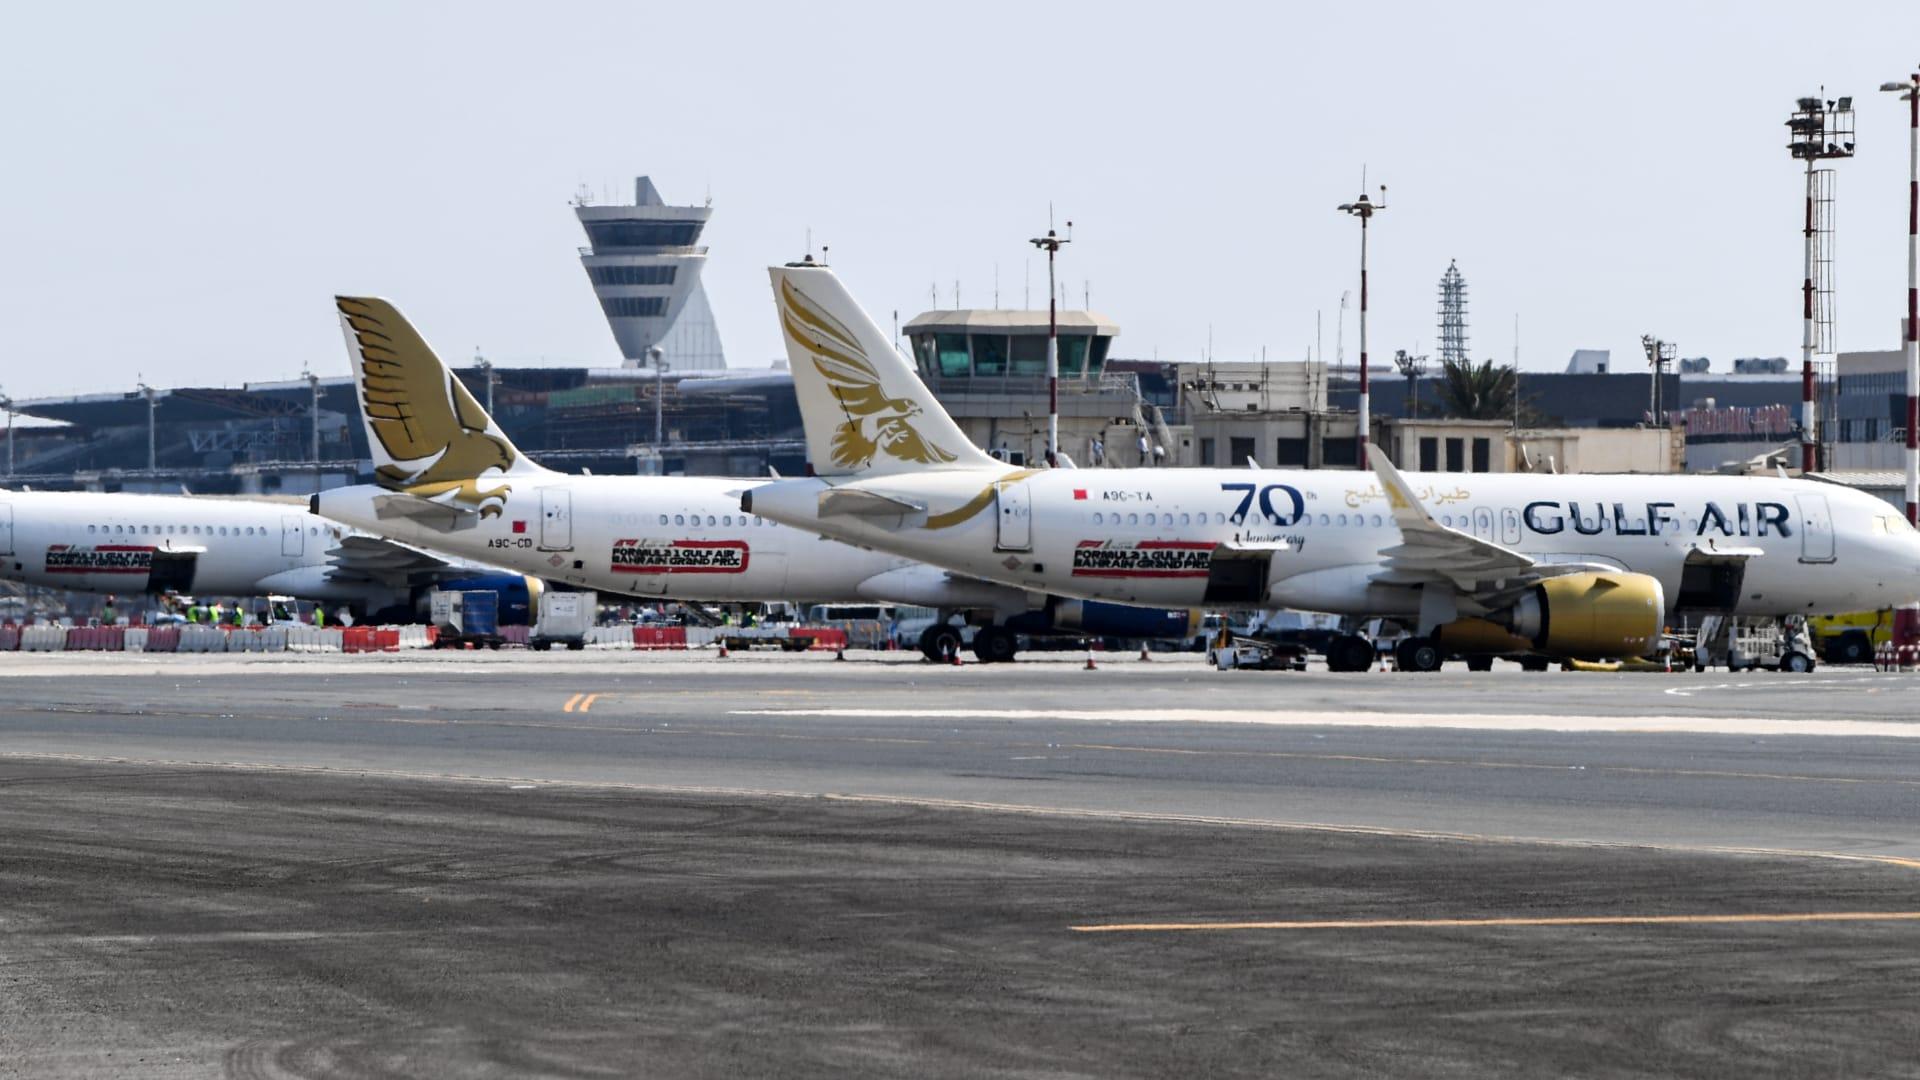 أول رحلة تجارية.. الوفد الأمريكي-الإسرائيلي يغادر إلى البحرين